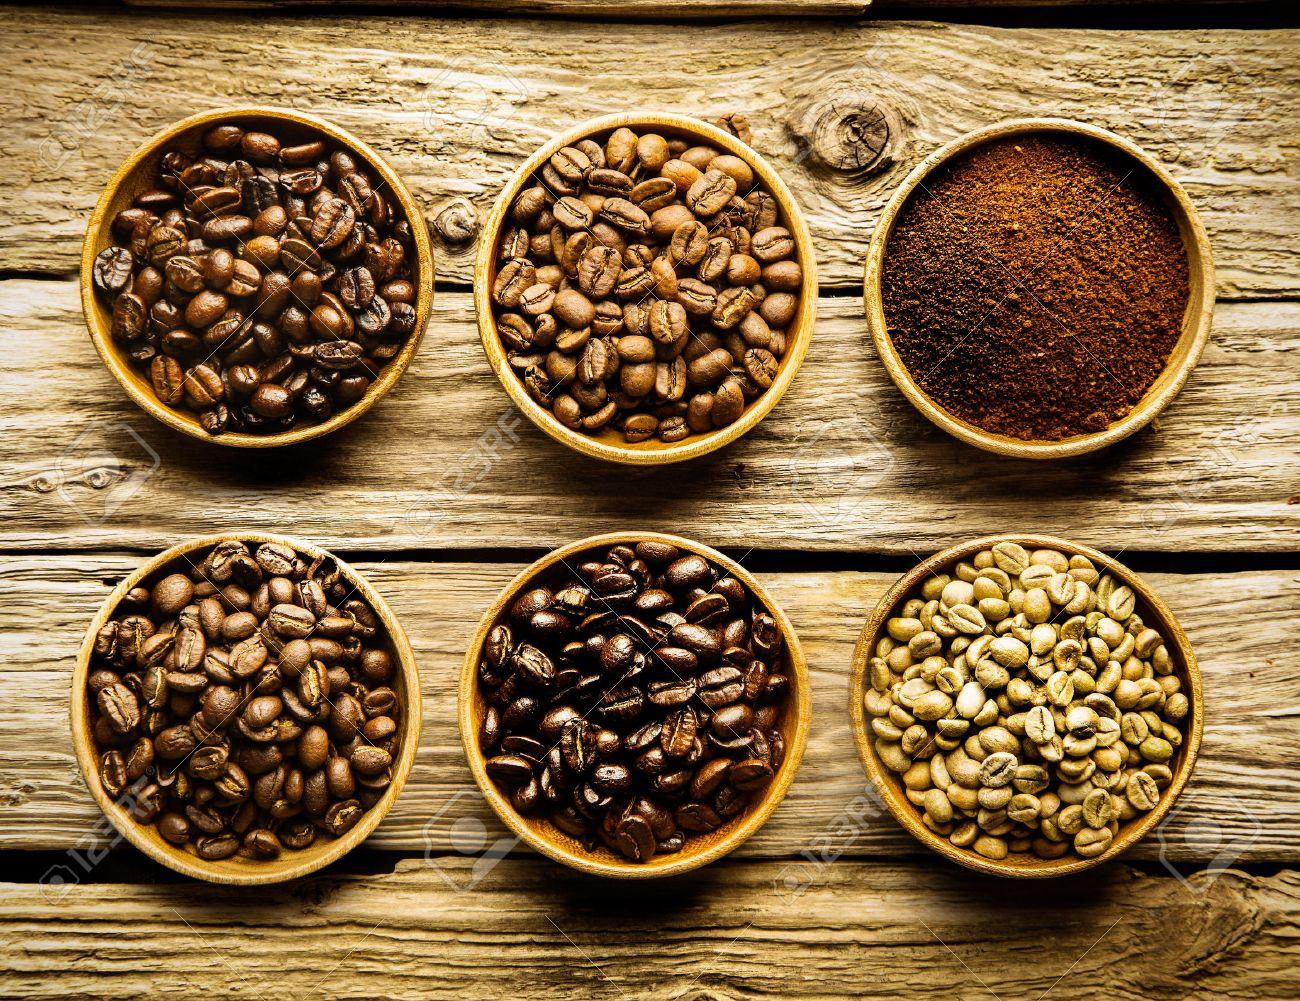 Bảo quản hạt café rang xay